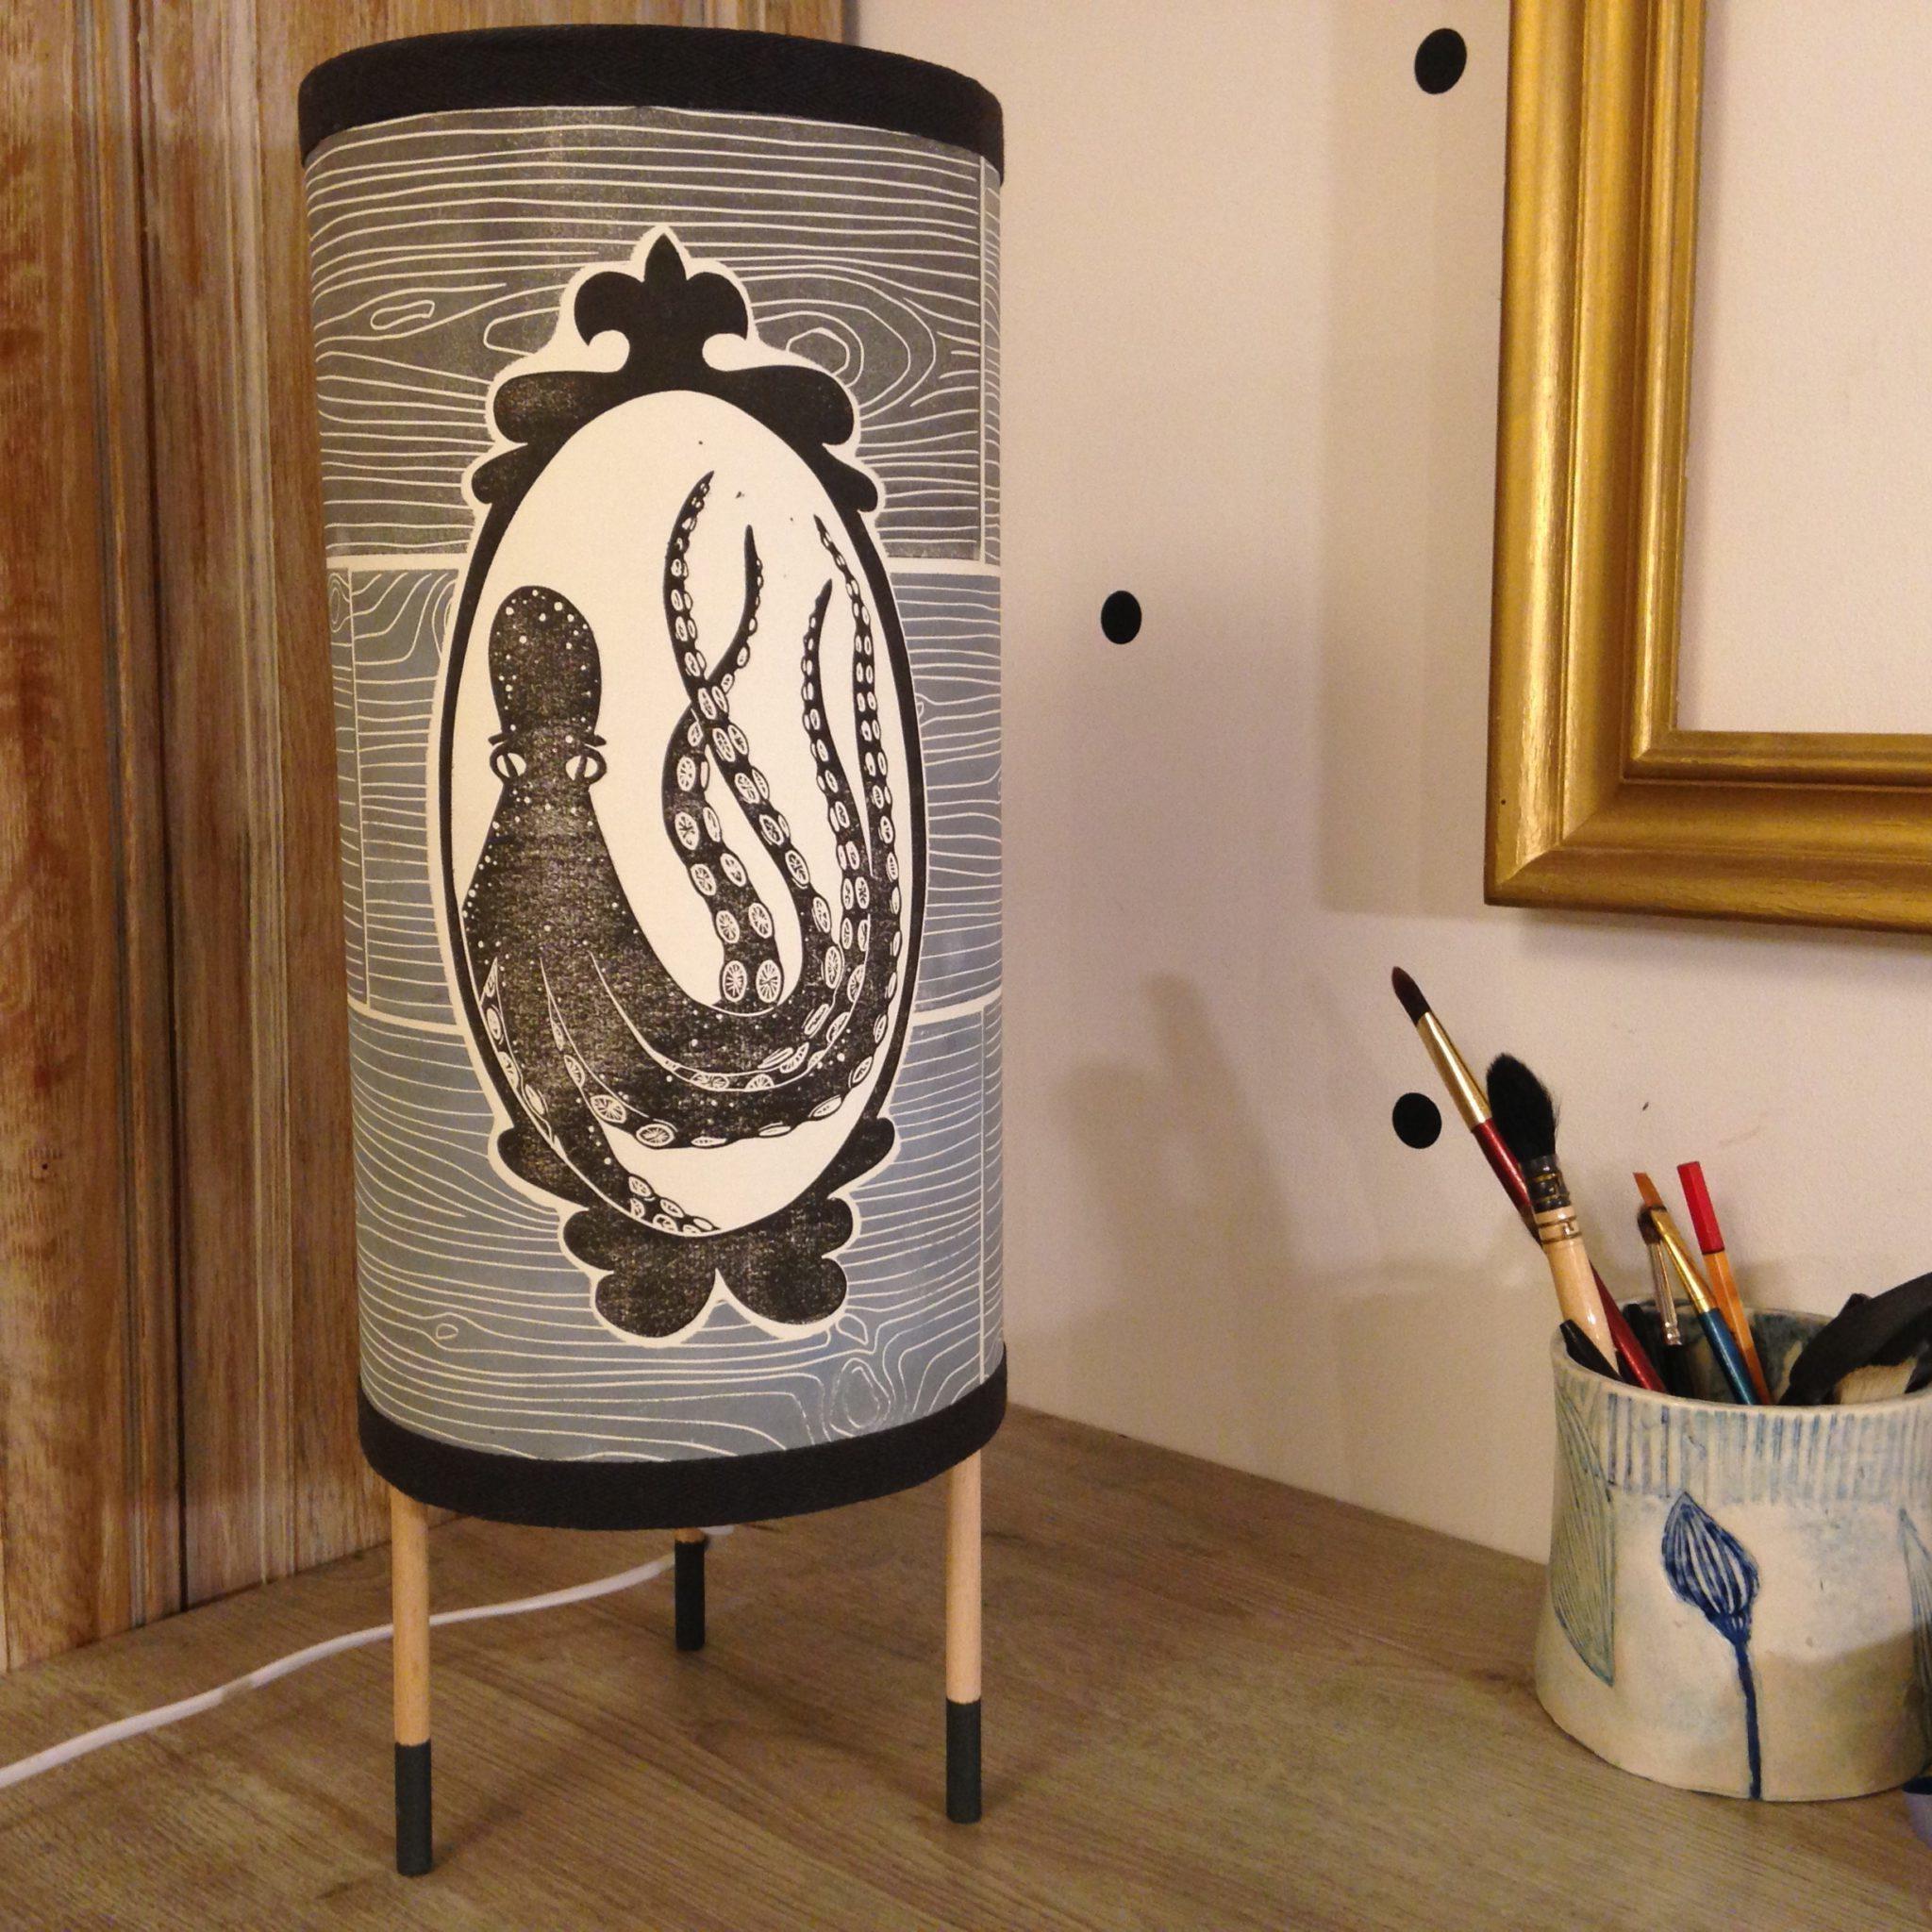 LinoLino | Linogravure et créations à partir d'impressions artisanales | Chambéry, France | Lampes | Lampe à poser grand modèle, Poulpes hublots sur lattes de bois